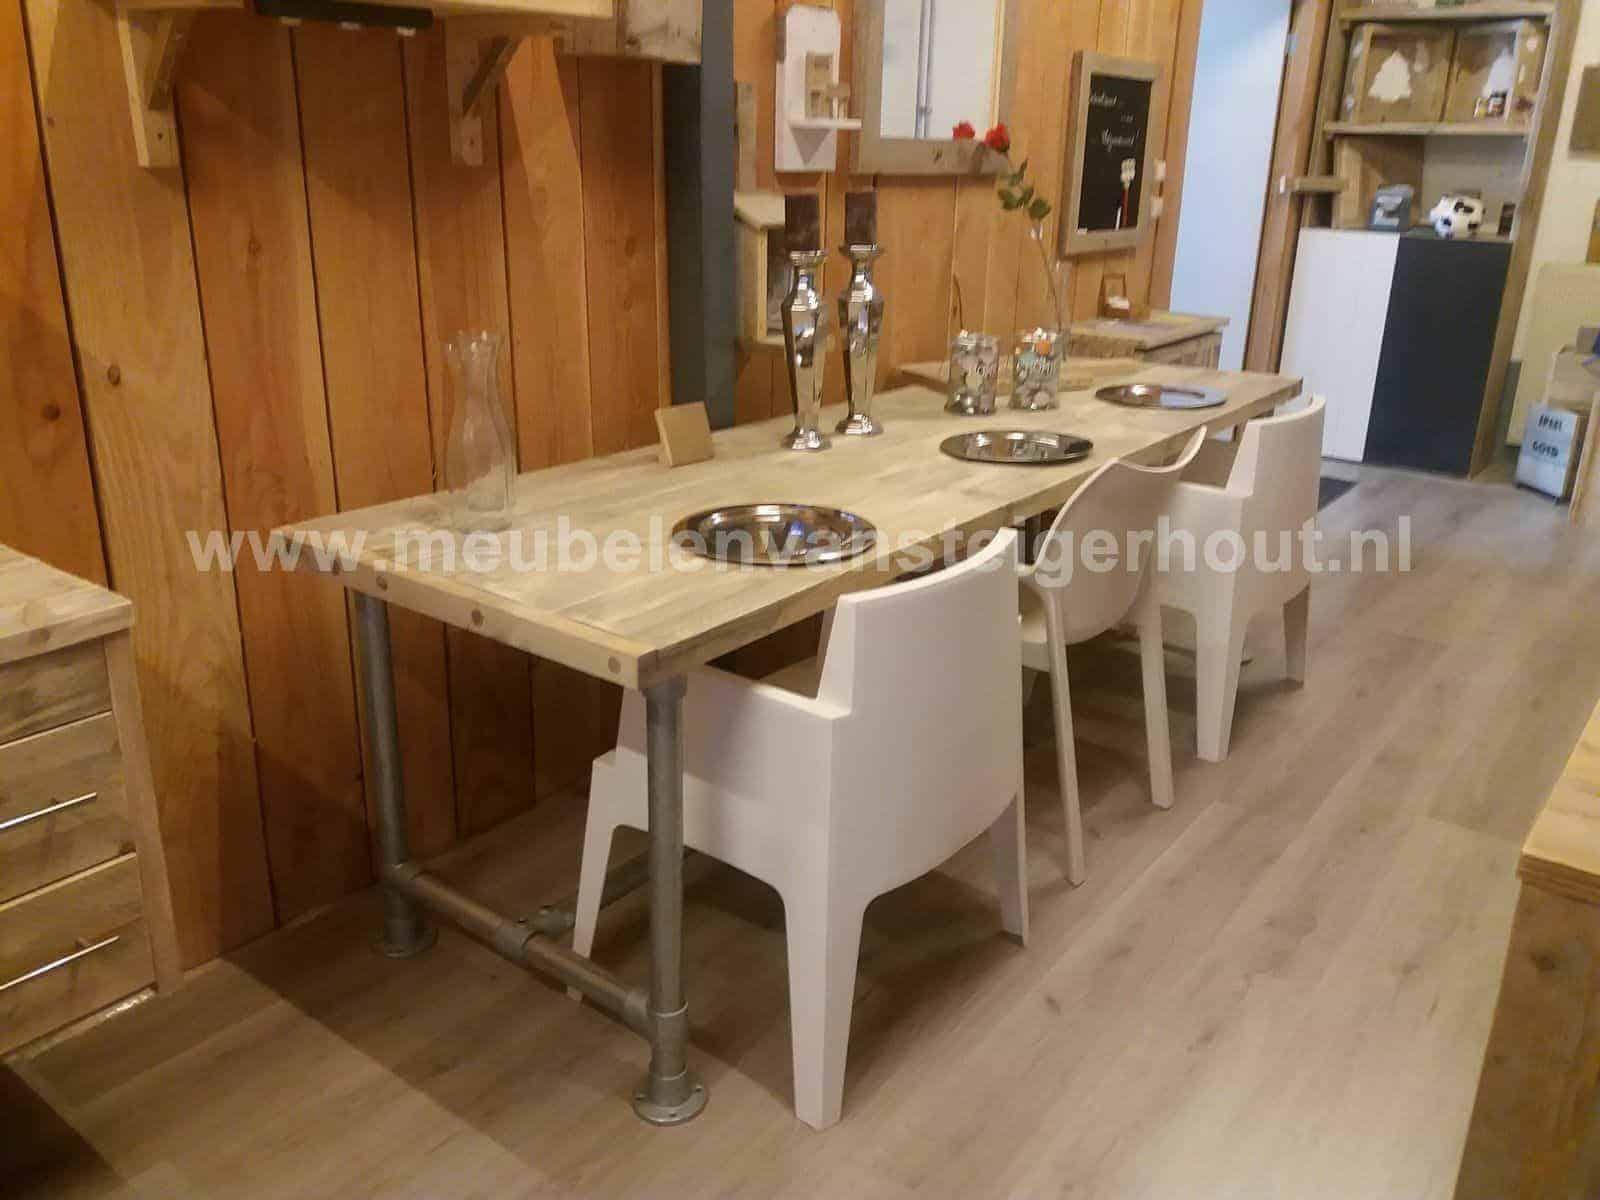 Eettafel wit hout ecosia